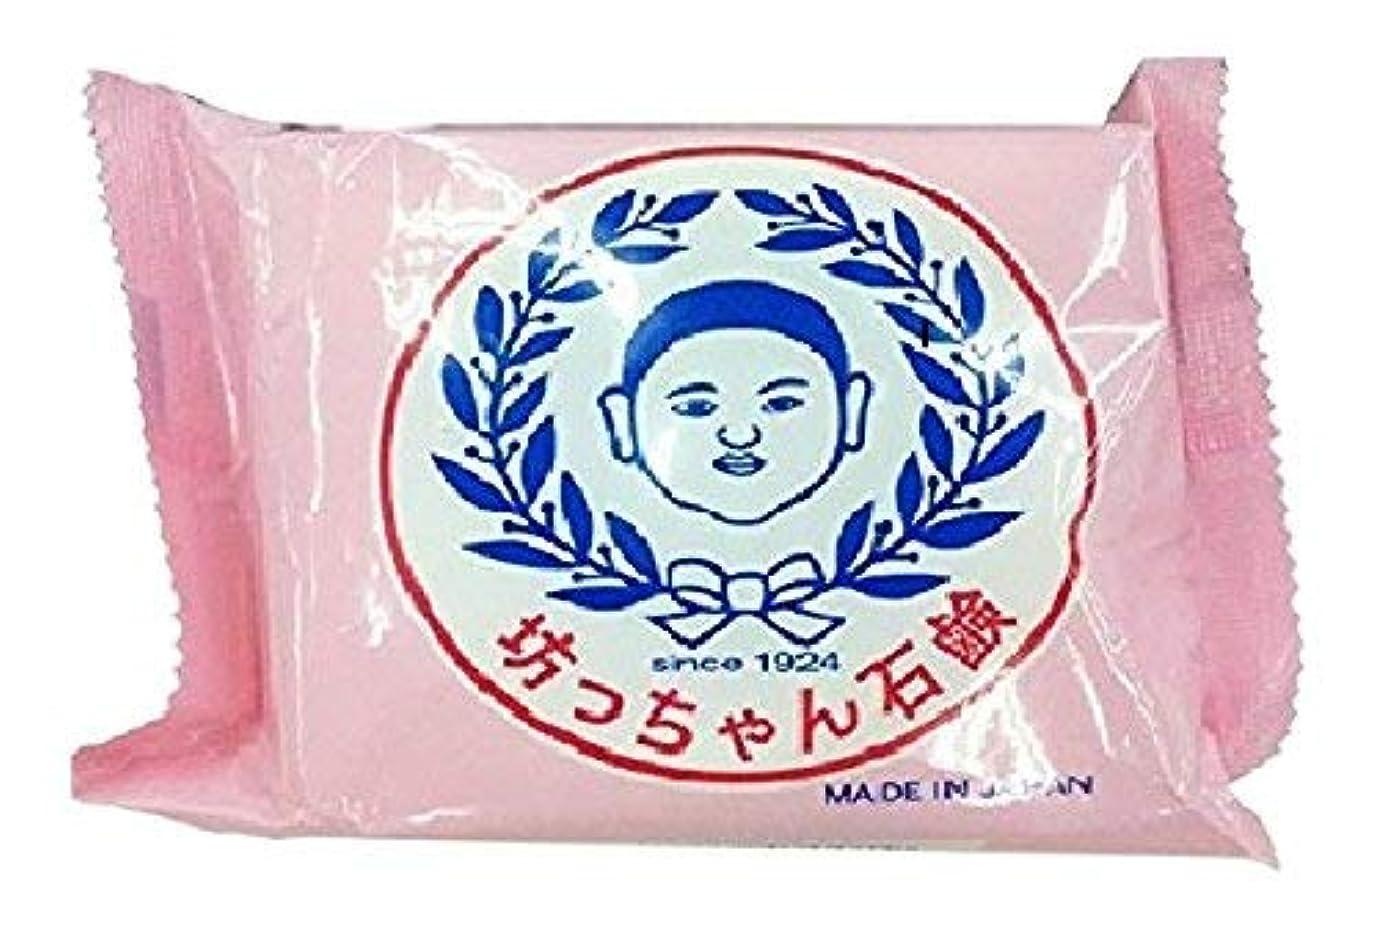 支援する傷つける作物【まとめ買い】坊っちゃん石鹸 釜出し一番 175g ×6個